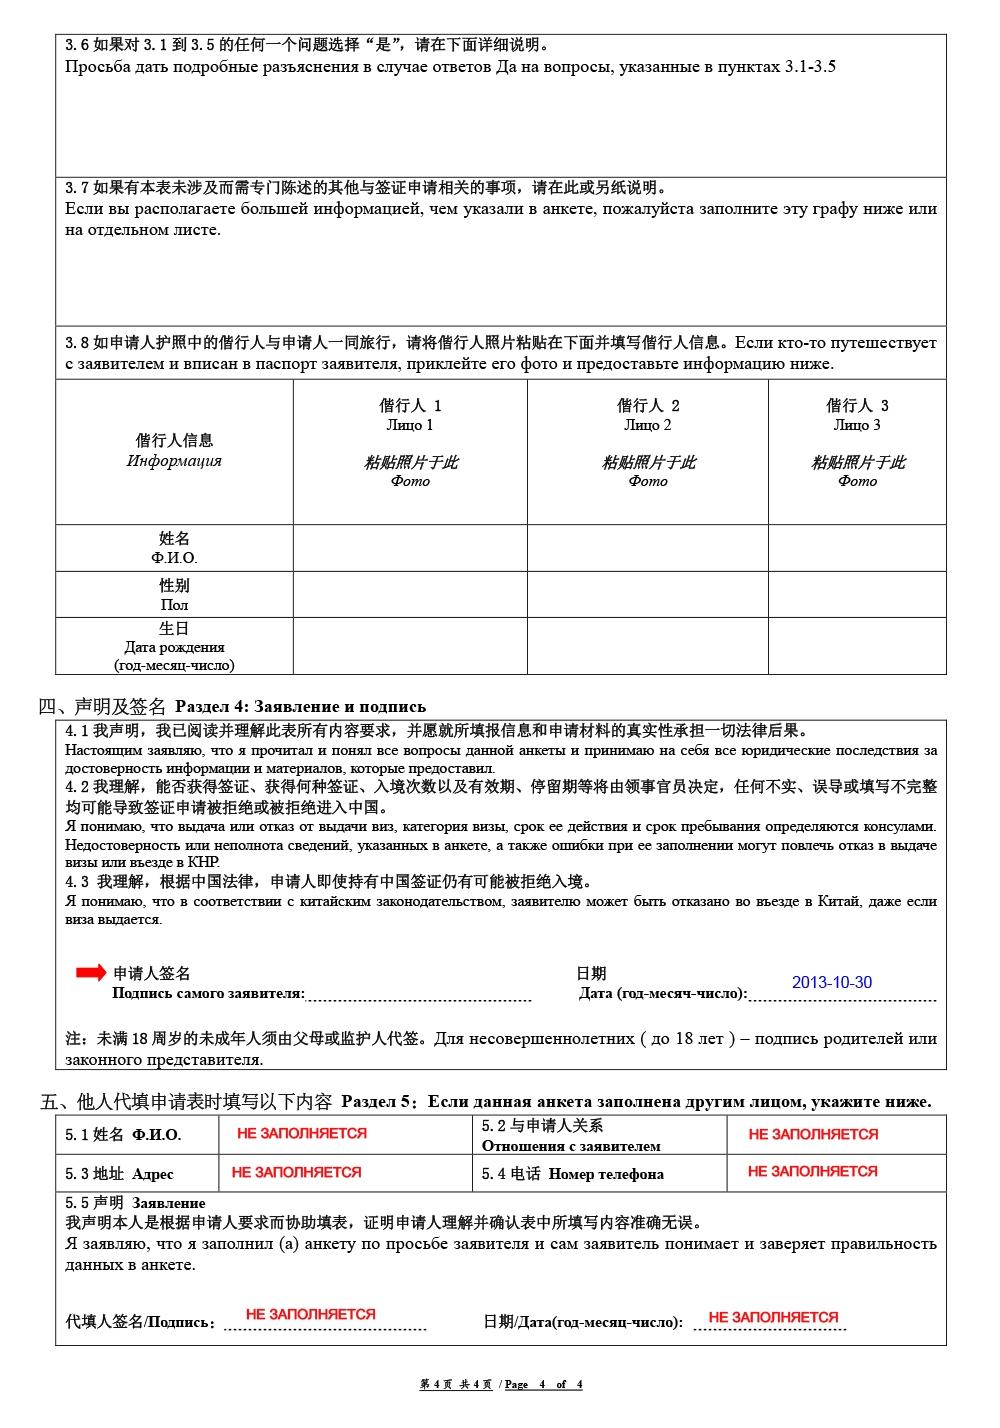 Образец заполненной анкеты на китайскую визу, стр. 4